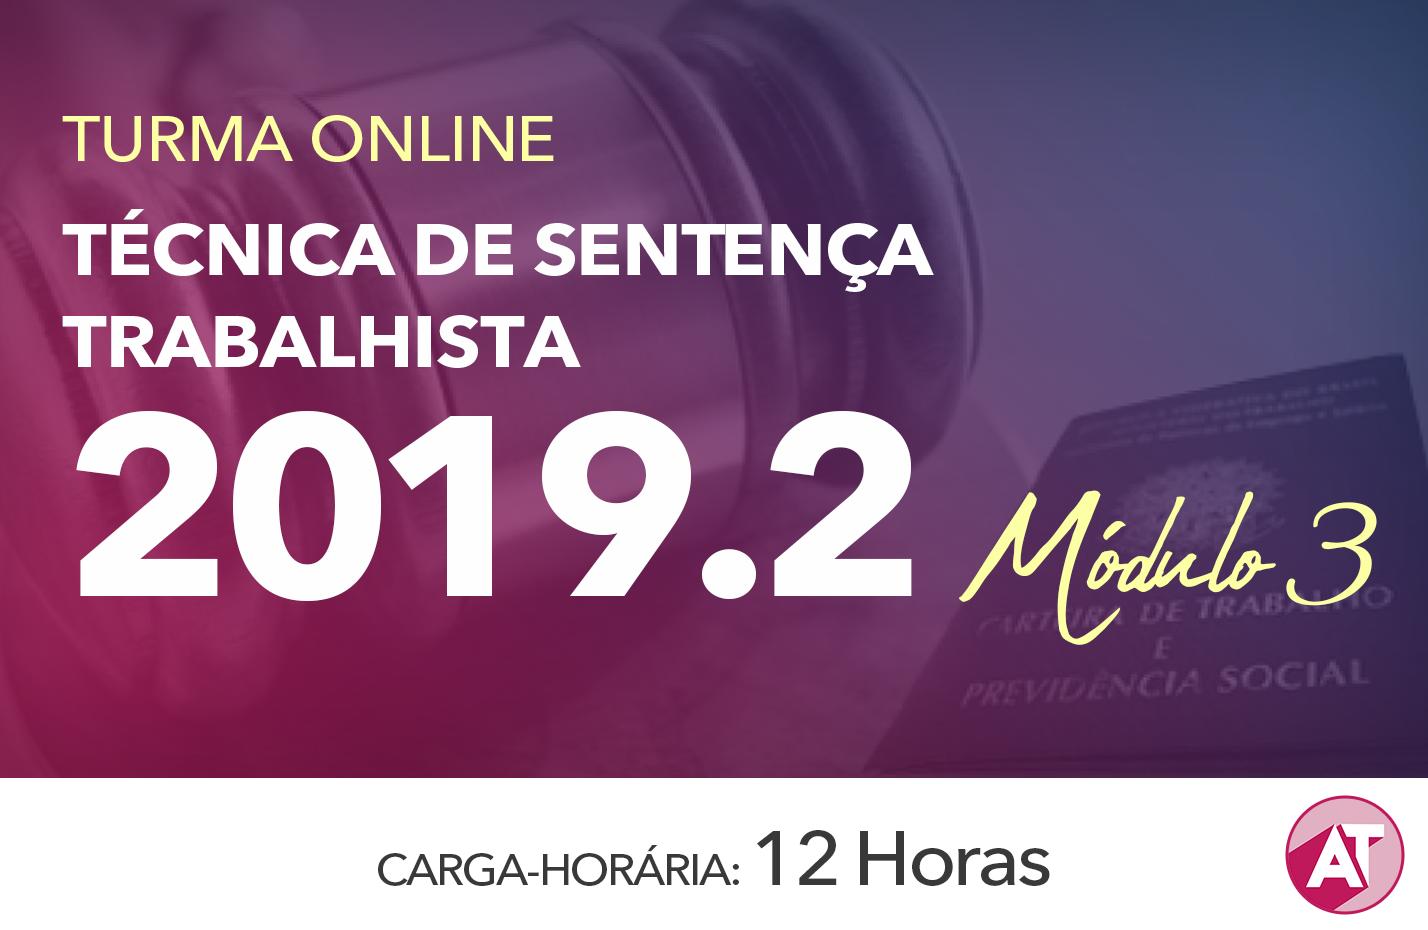 TÉCNICA DE SENTENÇA TRABALHISTA 2019.2 - Módulo III